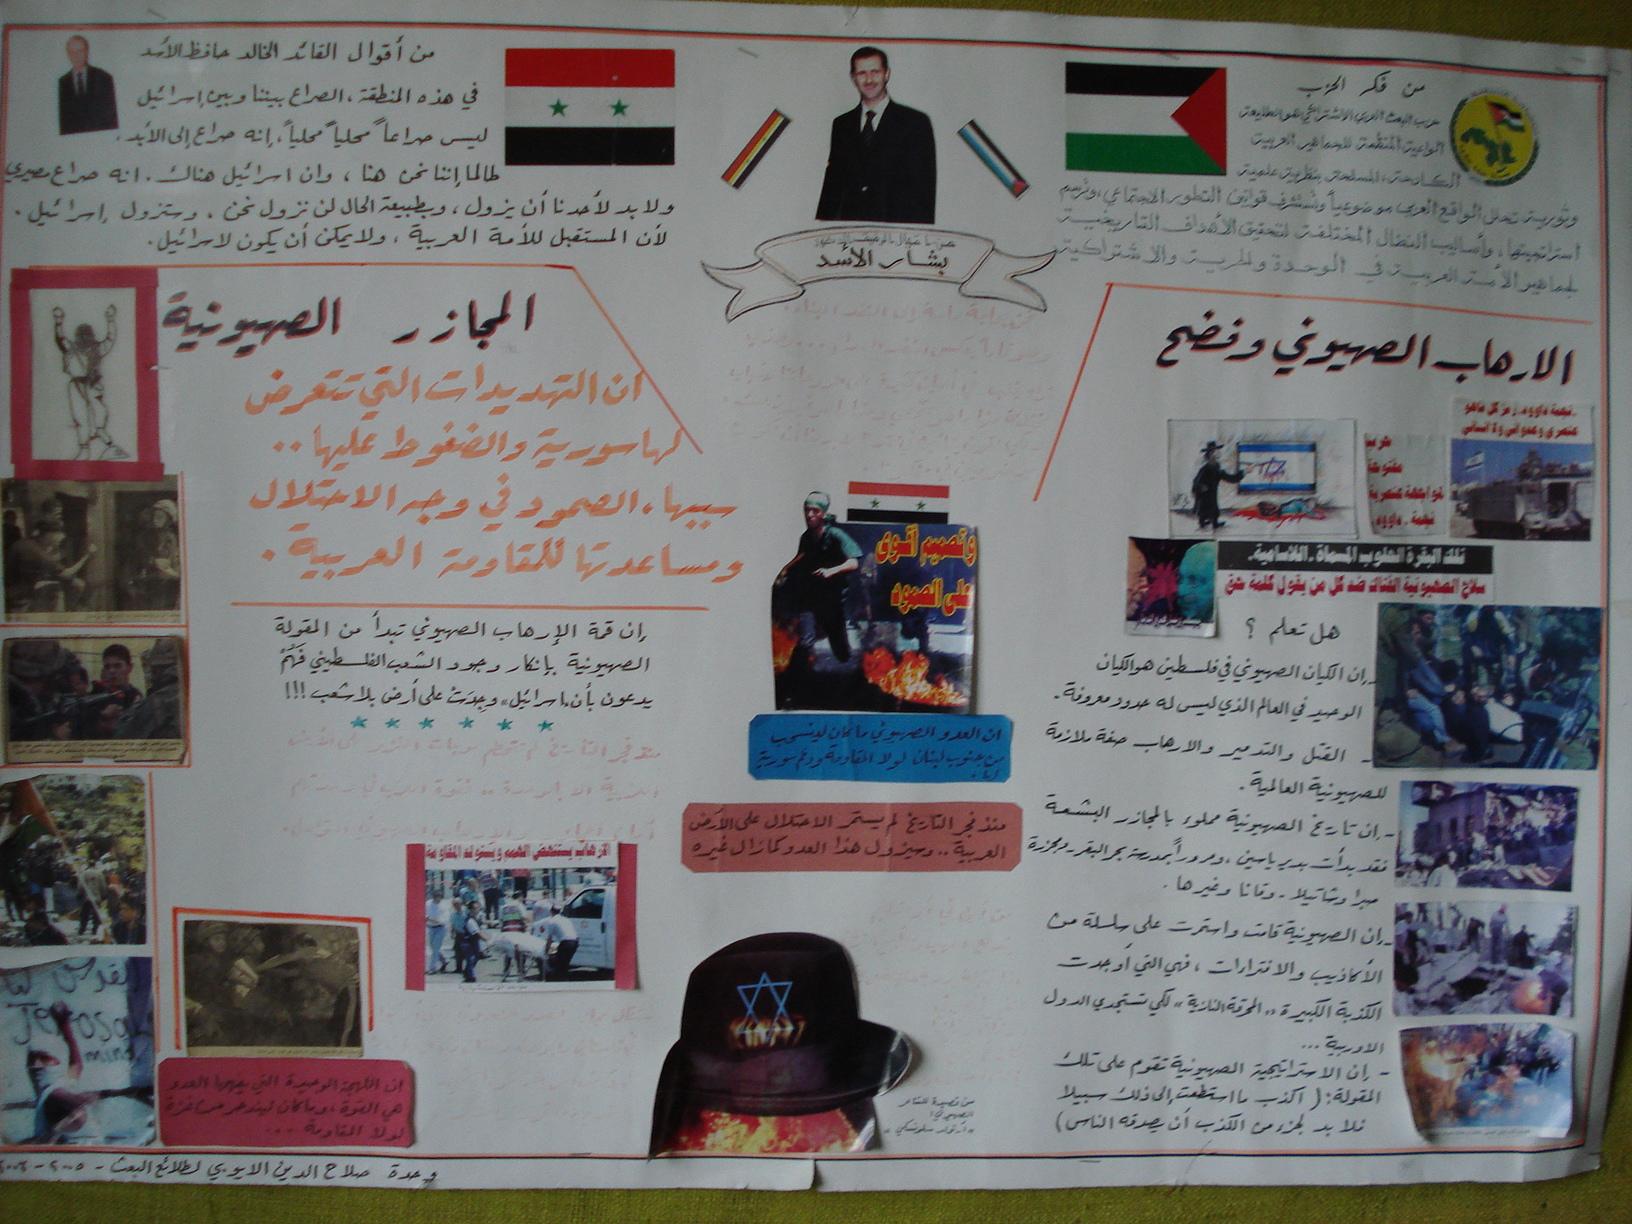 Affiche reprenant le discours politique de Bachar-al-Assad, dans une école du Kassioum, Syrie.  © Limoune